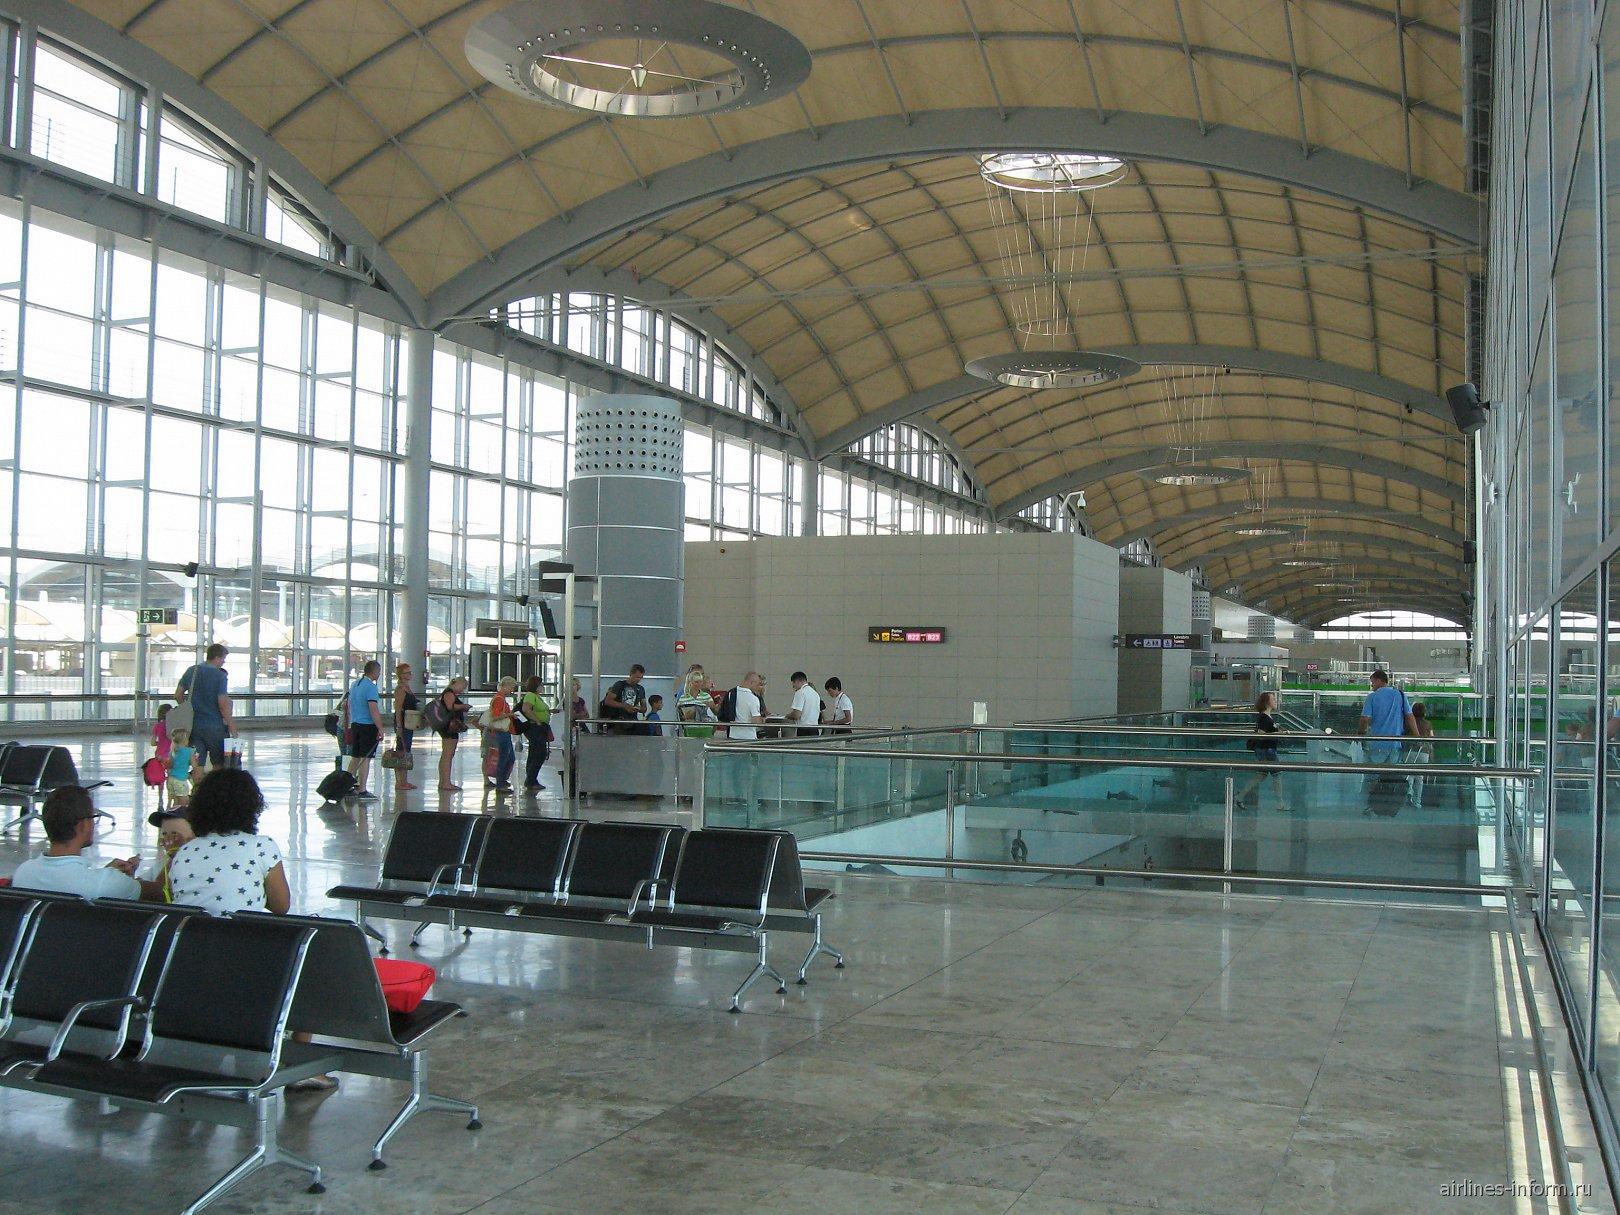 Зал ожидания и выход на посадку в аэропорту Аликанте